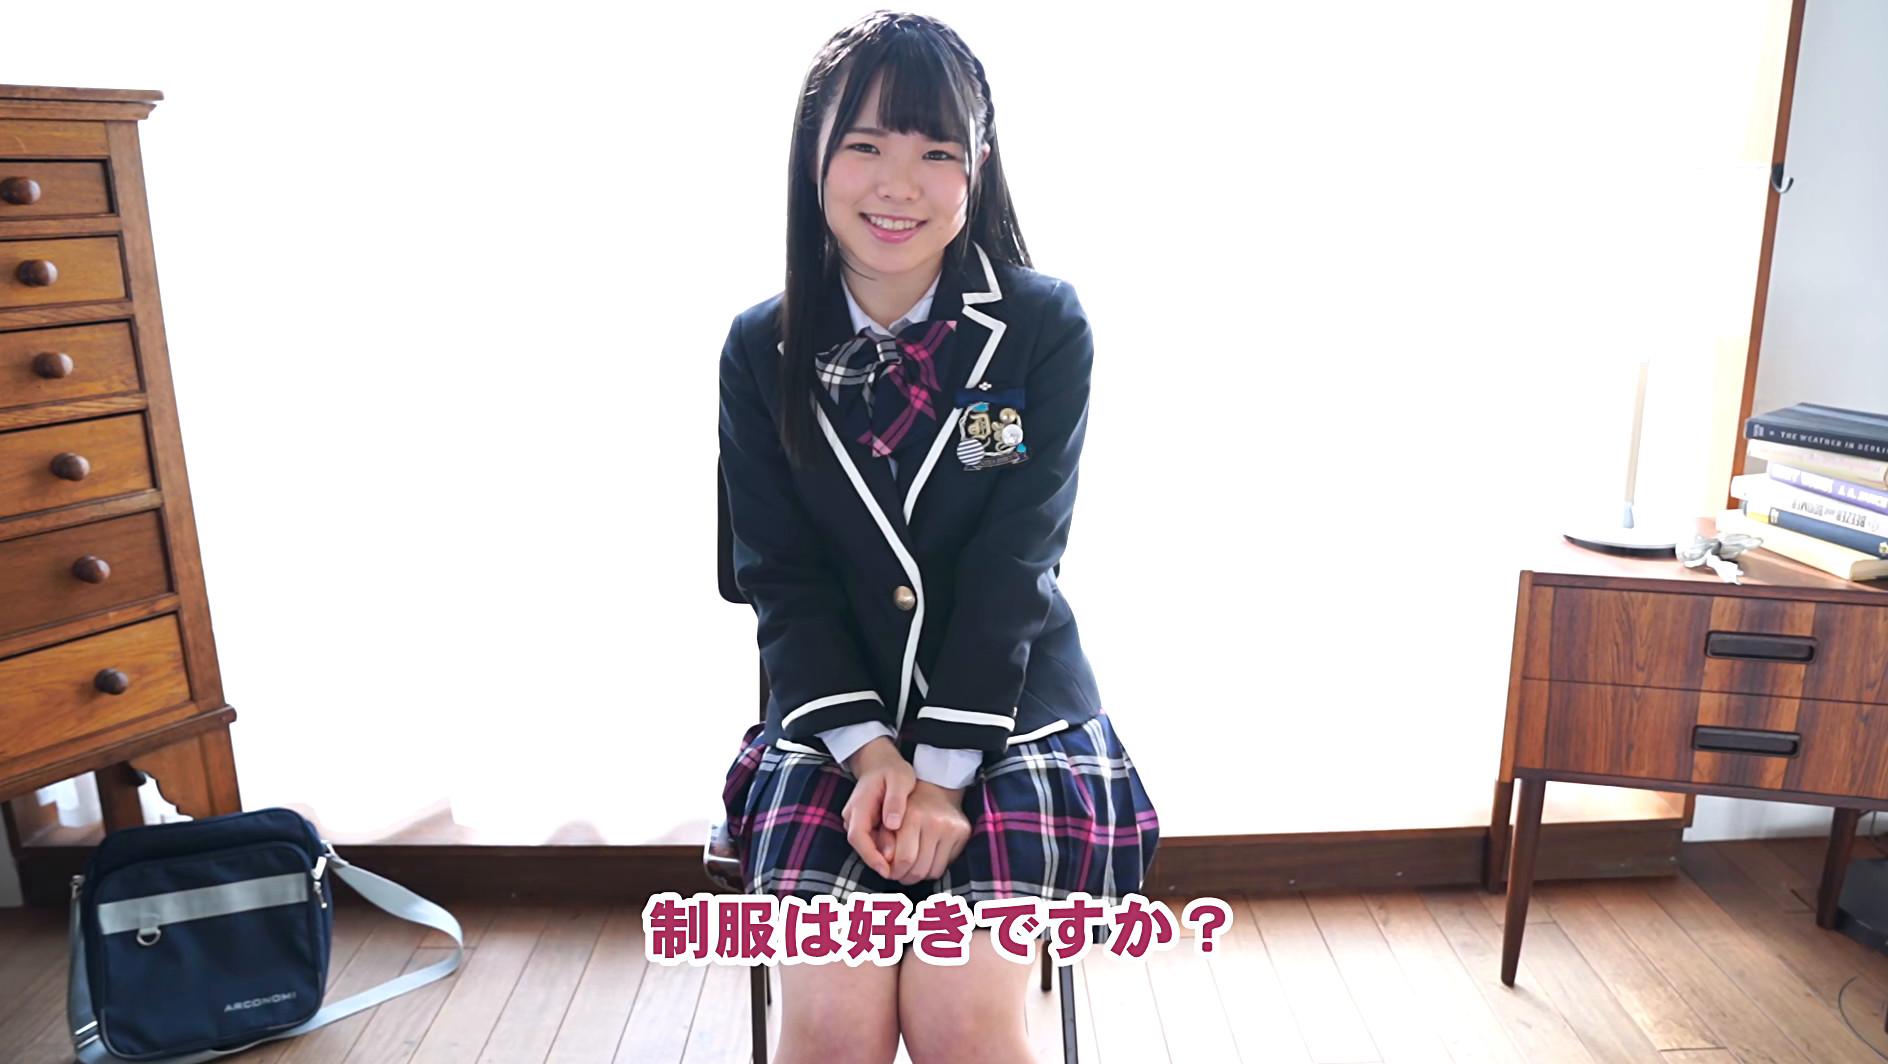 恋するおっぱい 桜木みぃな 画像7